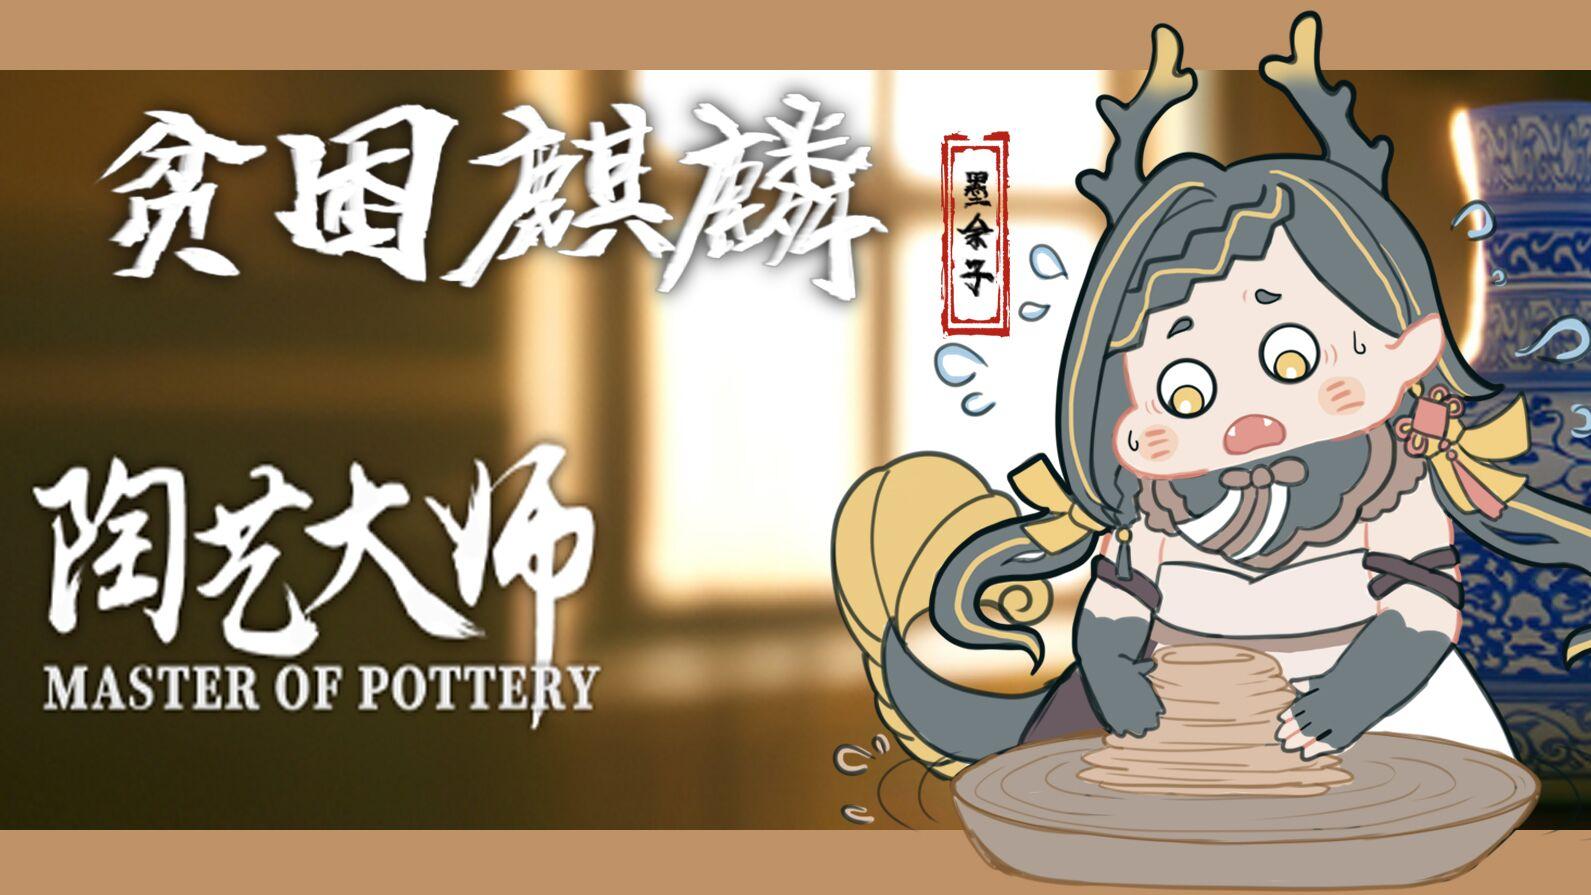 【6.3陶艺大师录播】对于人类来说还为时尚早的麒麟艺术